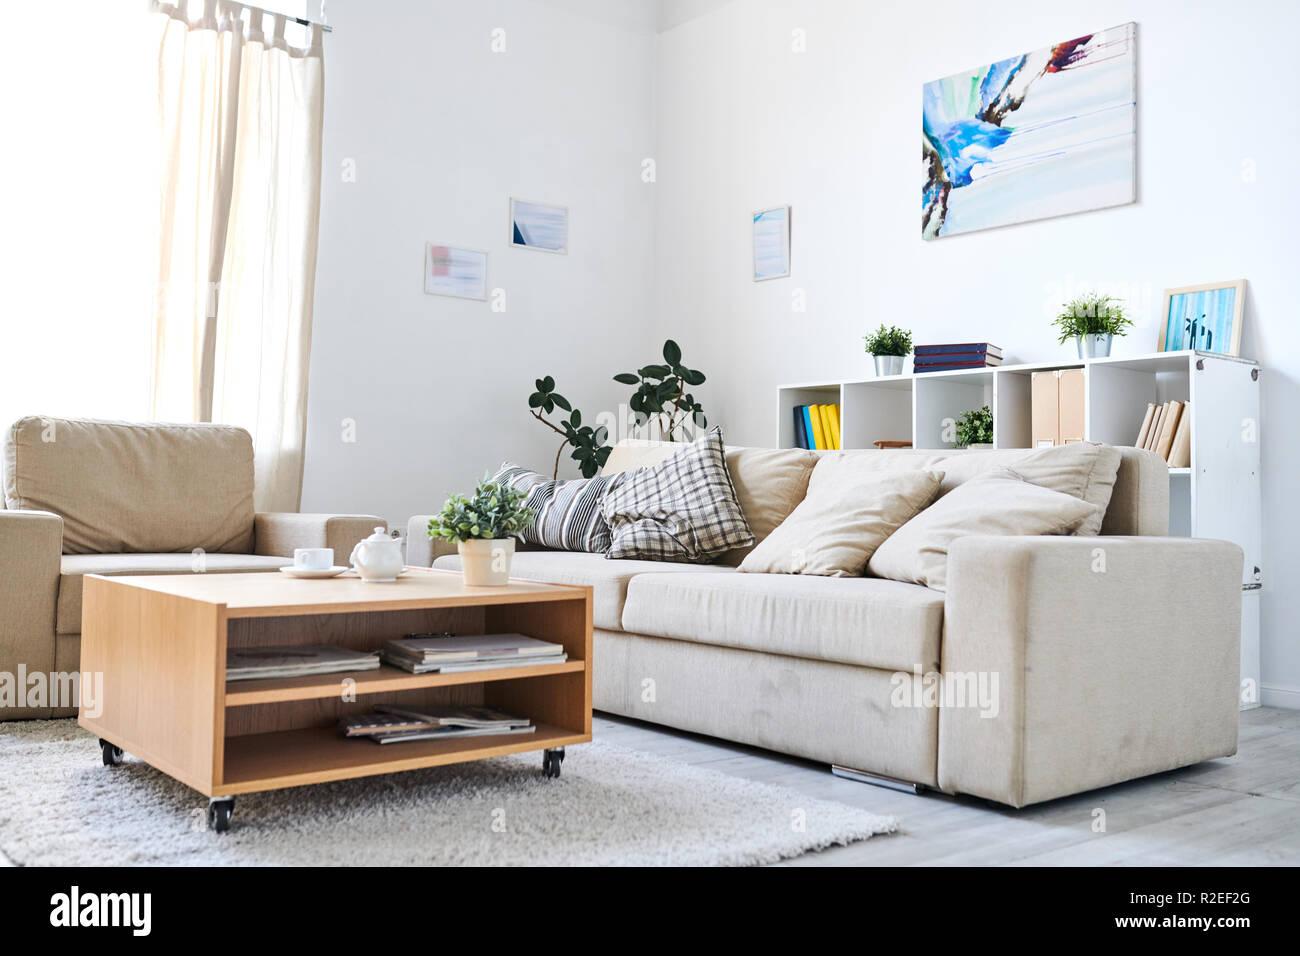 Gemütliches Wohnzimmer mit abstrakten Bild an der Wand ...